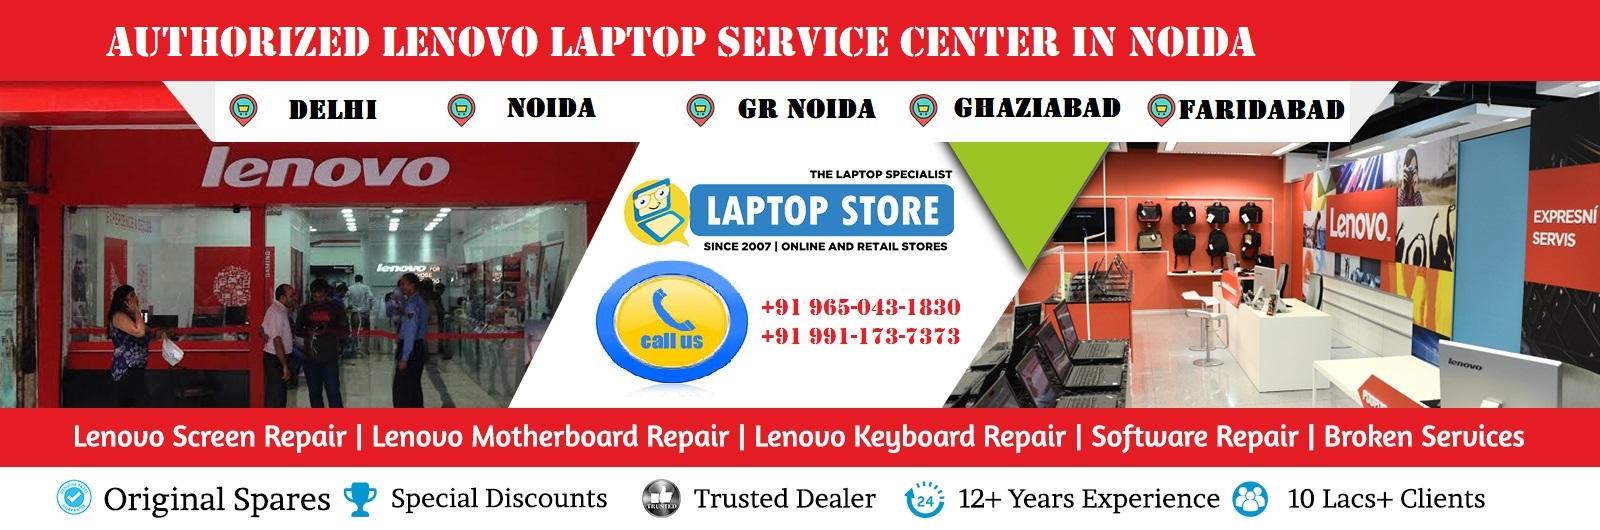 lenovo service center in noida sector 27